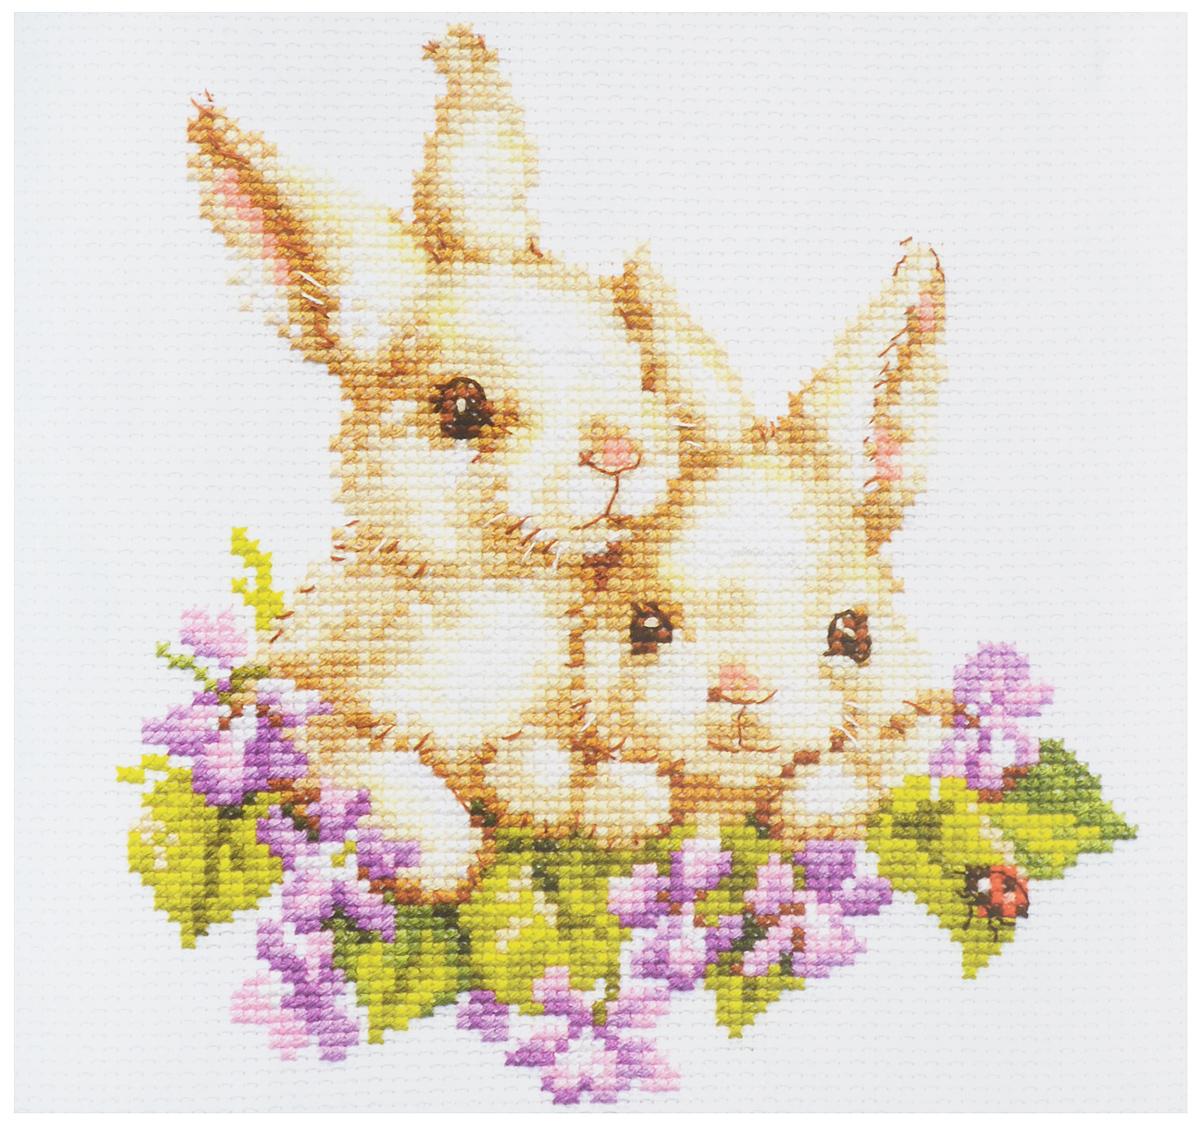 Набор для вышивания крестом Алиса Крольчата, 15 x 16 см1-11Набор для вышивания крестом Алиса Крольчата поможет вам создать свой личный шедевр - красивую картину, вышитую на канве. На сегодняшний день вышивка стала любимым увлечением для многих девушек и женщин. Интерес к данному виду рукоделия продолжает расти, ведь сегодня практически каждый желающий может попробовать вышивку крестом, благодаря наличию готовых наборов, в которых есть все необходимые материалы и имеется подробная инструкция. В набор входят: - канва Aida 14 Gamma белая (100% хлопок), - нитки мулине Gamma (19 цветов), - игла Gamma, - цветная символьная схема, - инструкция на русском языке. Размер готового изделия: 15 х 16 см. Размер канвы: 23 х 25,5 см.